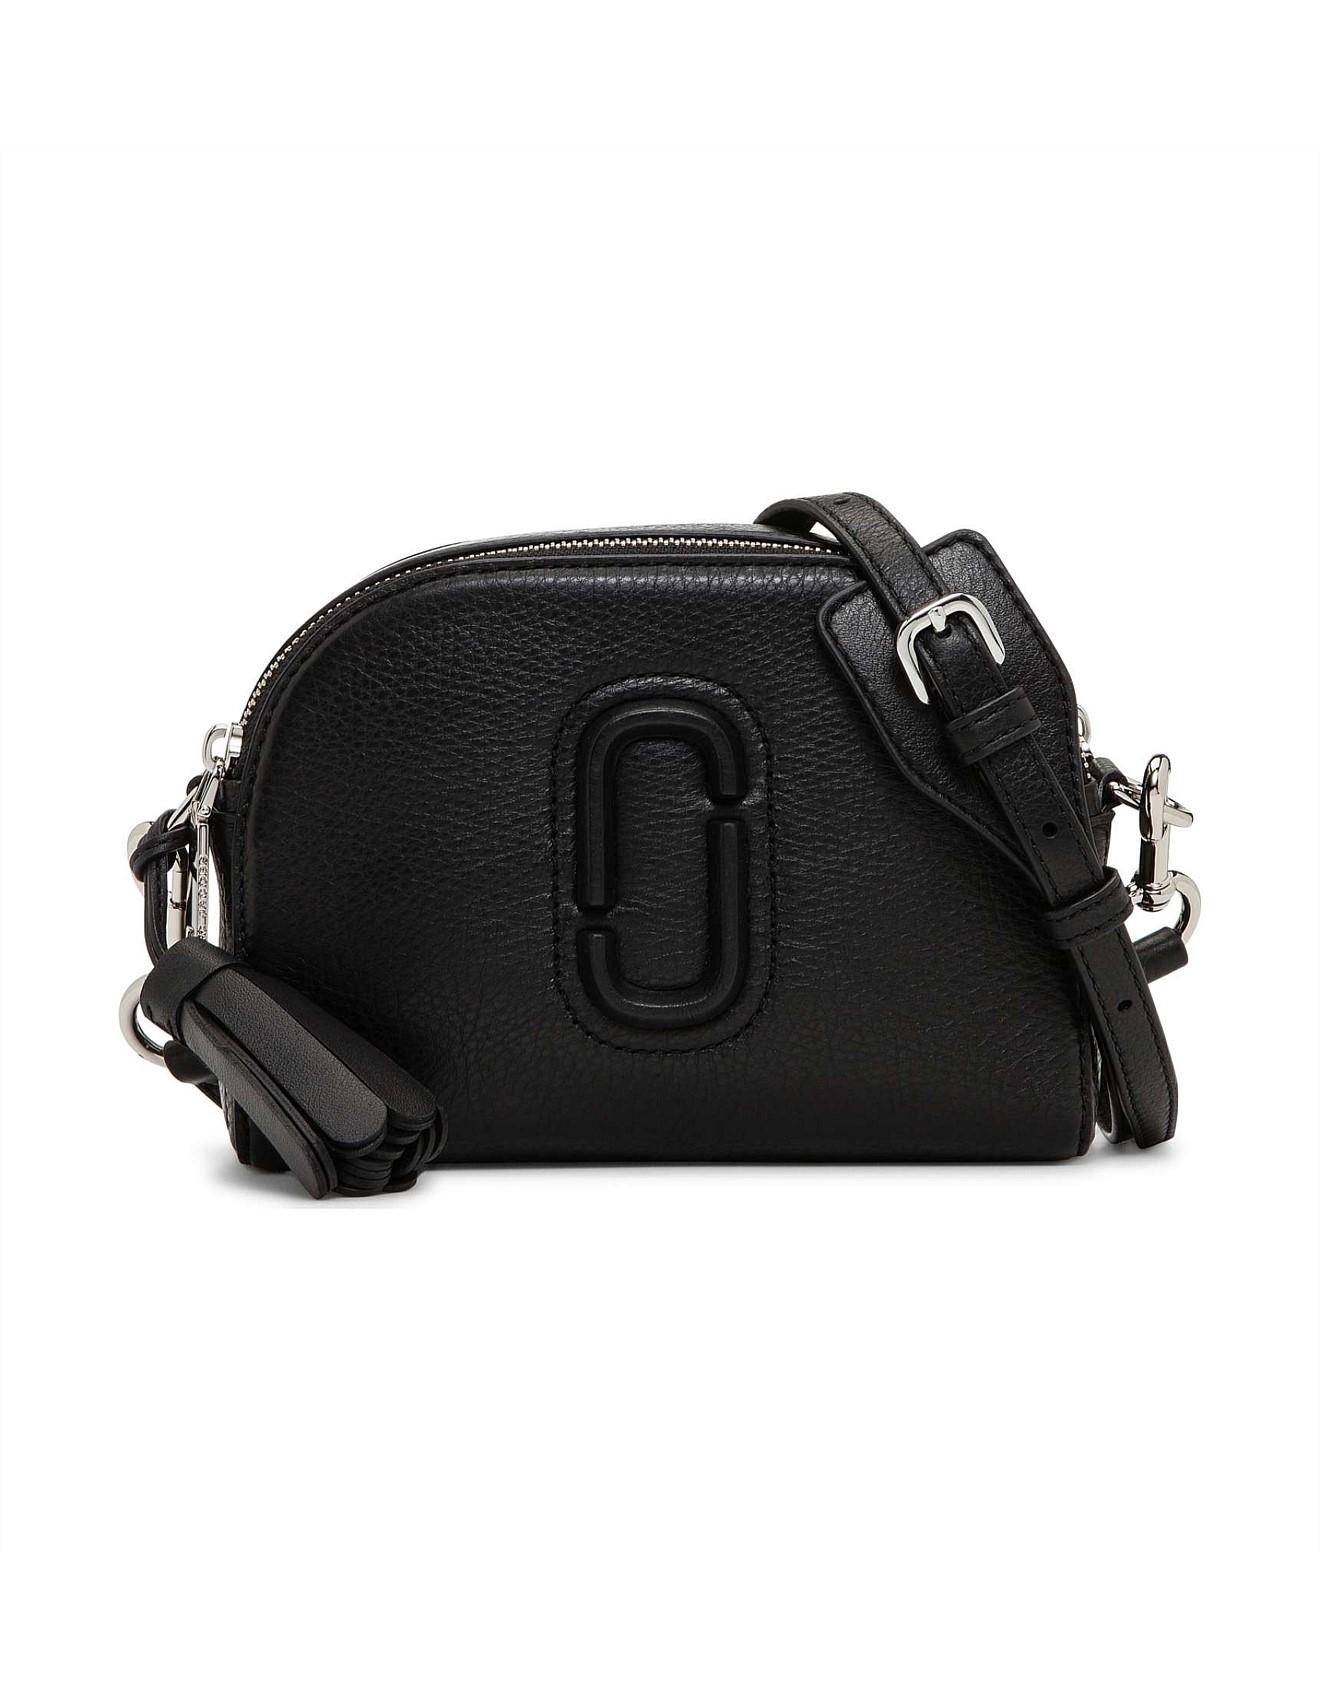 09a5fd0ea12b Shutter Small Camera Bag